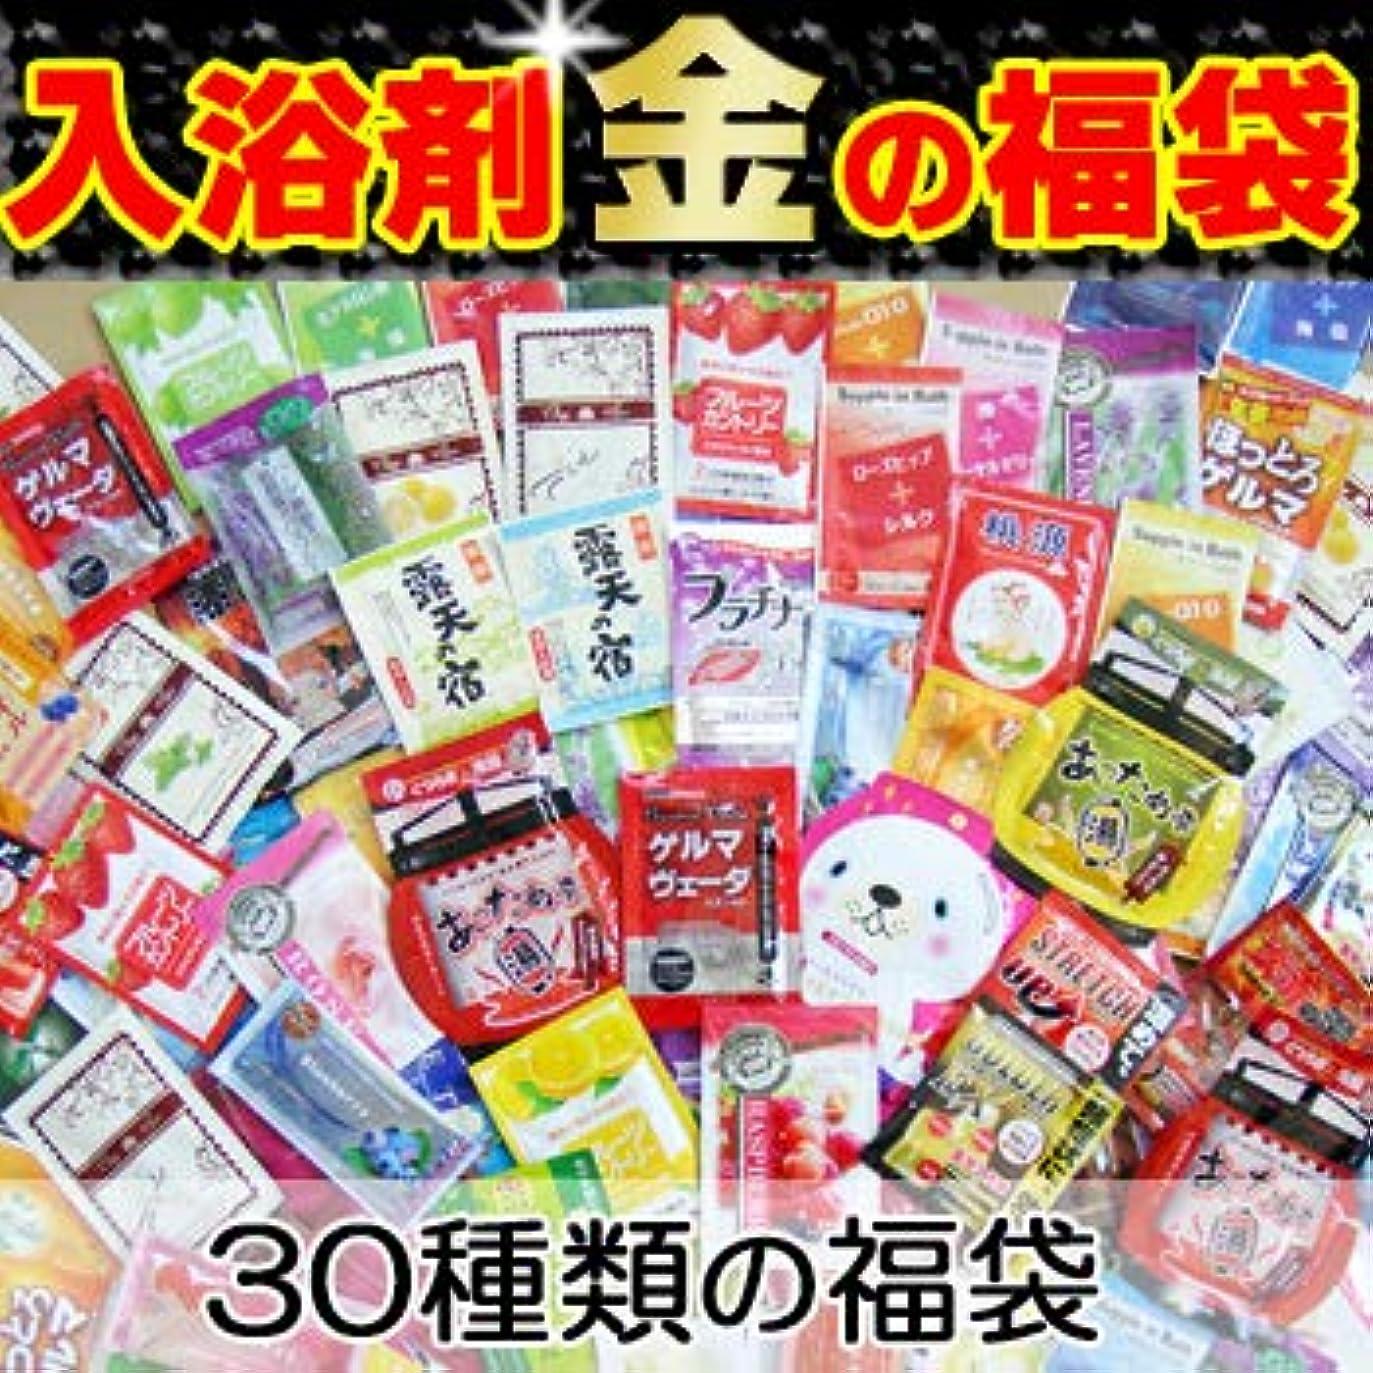 せがむゲームアンカーお試し入浴剤 金の福袋30種類!30日分 入浴剤福袋 安心の日本製!